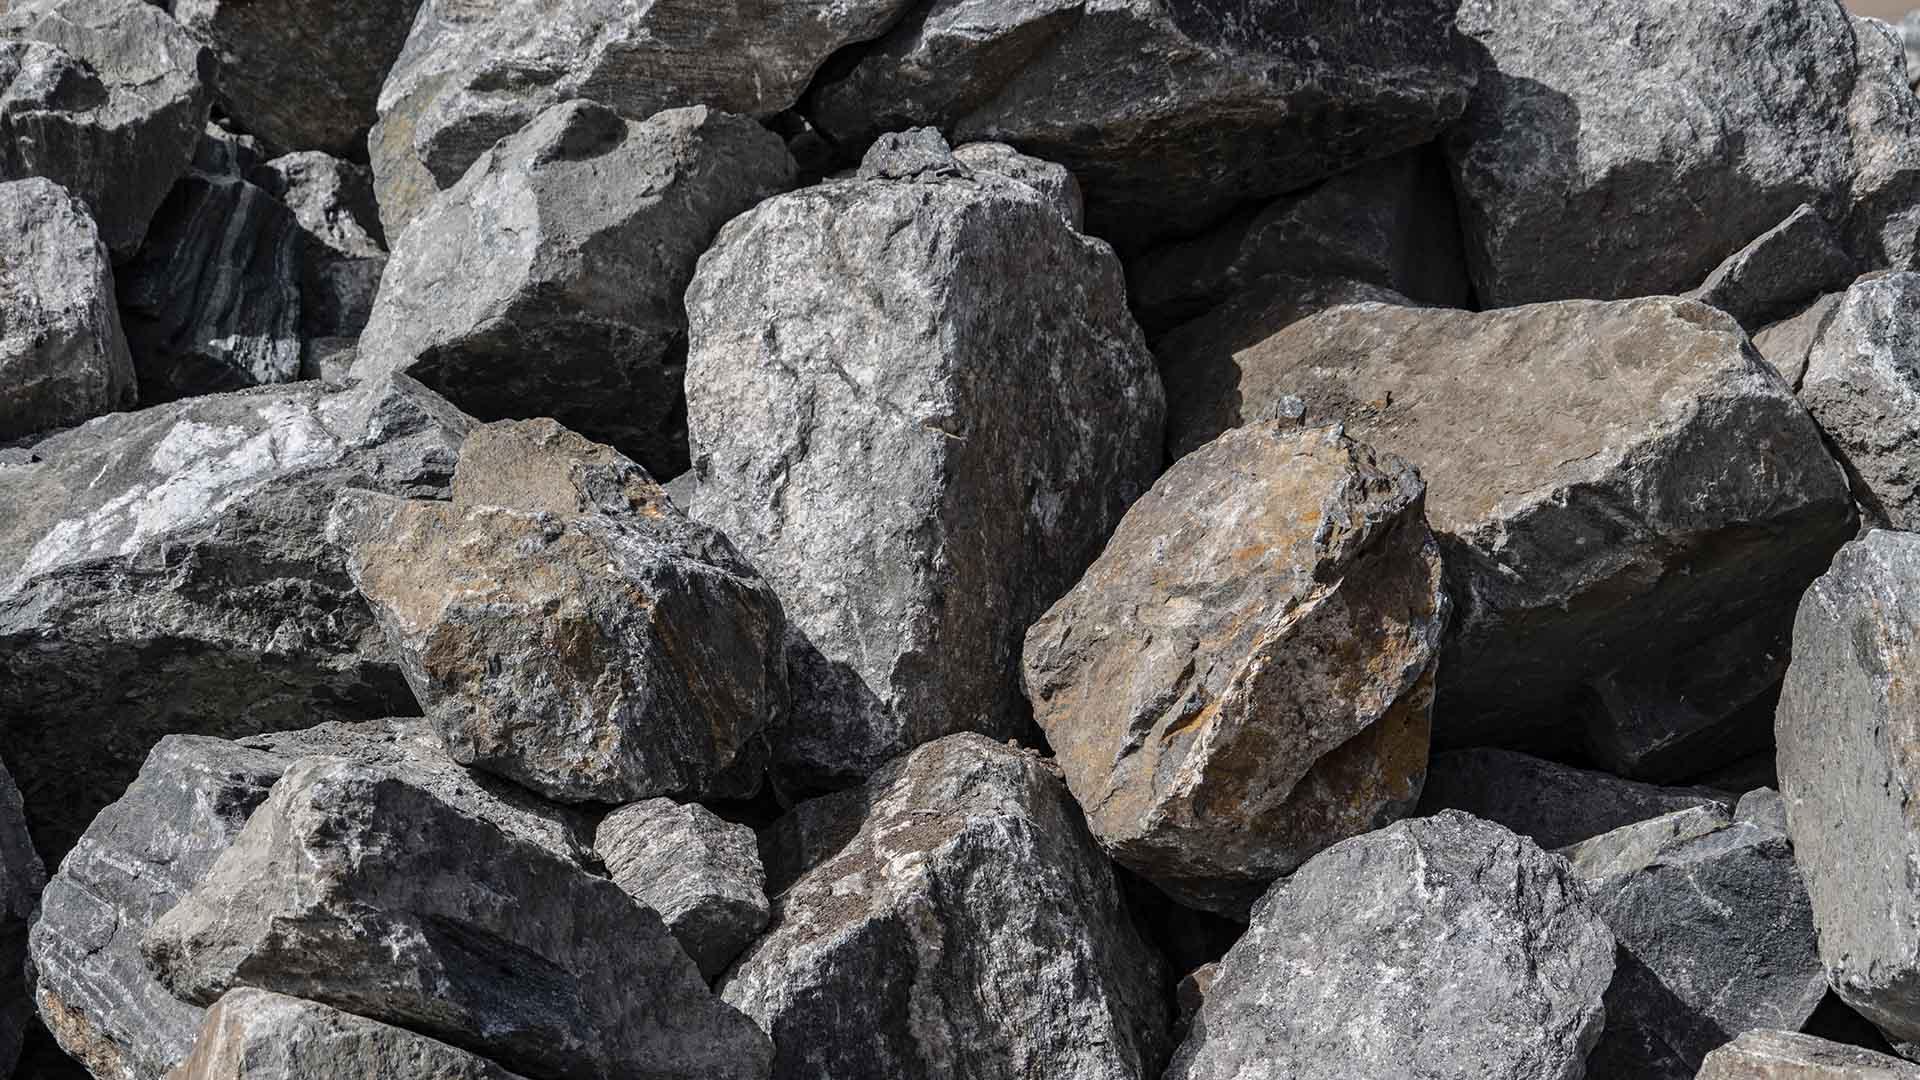 Black Granite Rip Rap Boulders